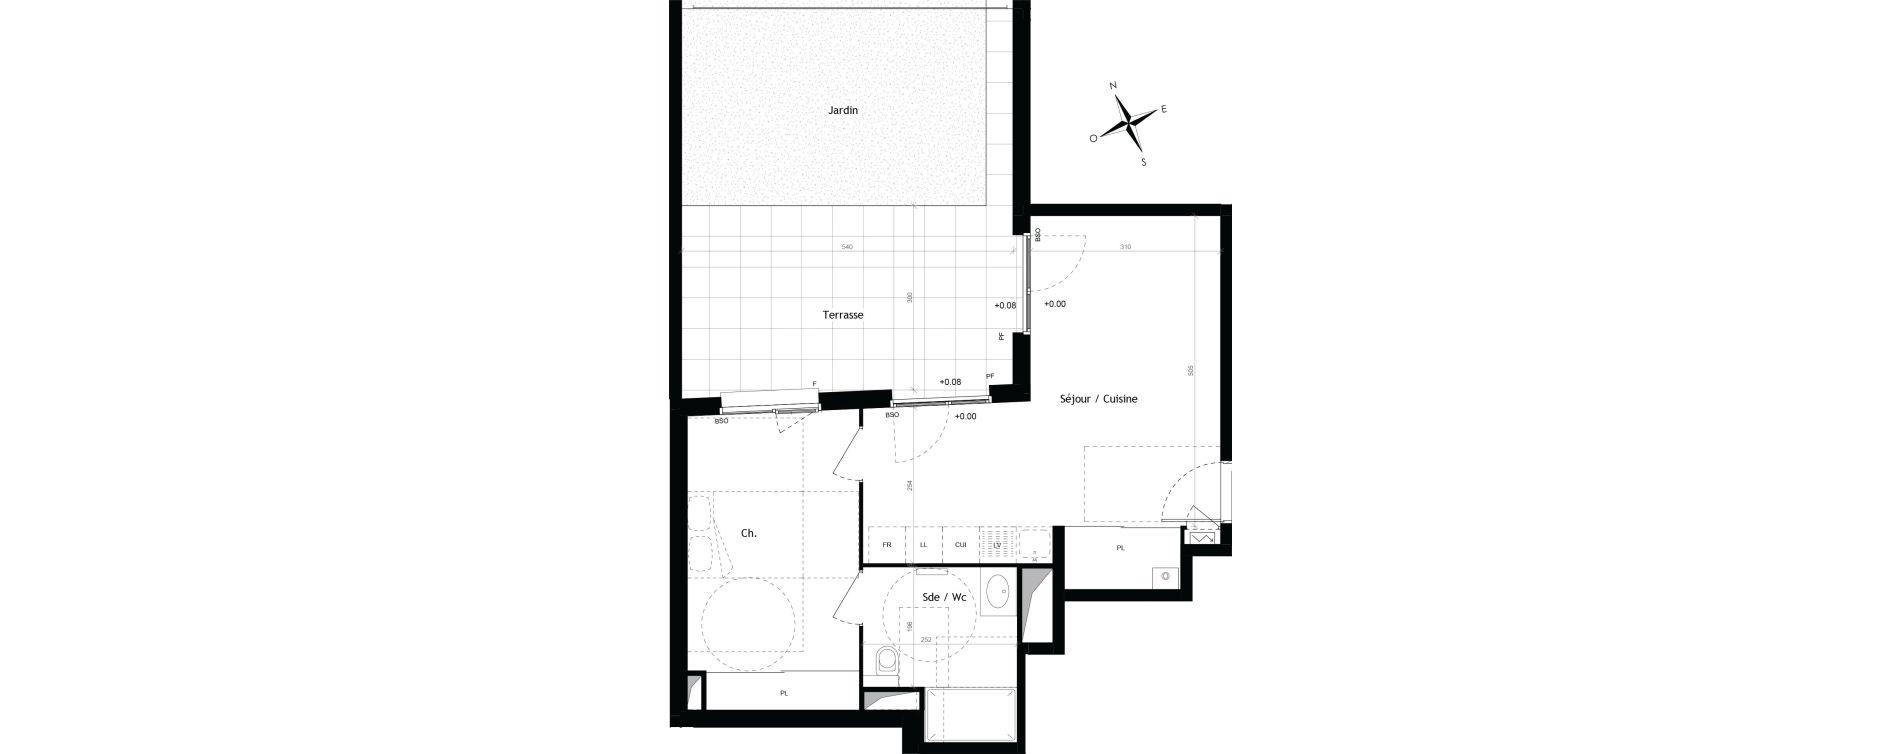 Appartement T2 de 44,57 m2 à Lyon Vaise (9eme)